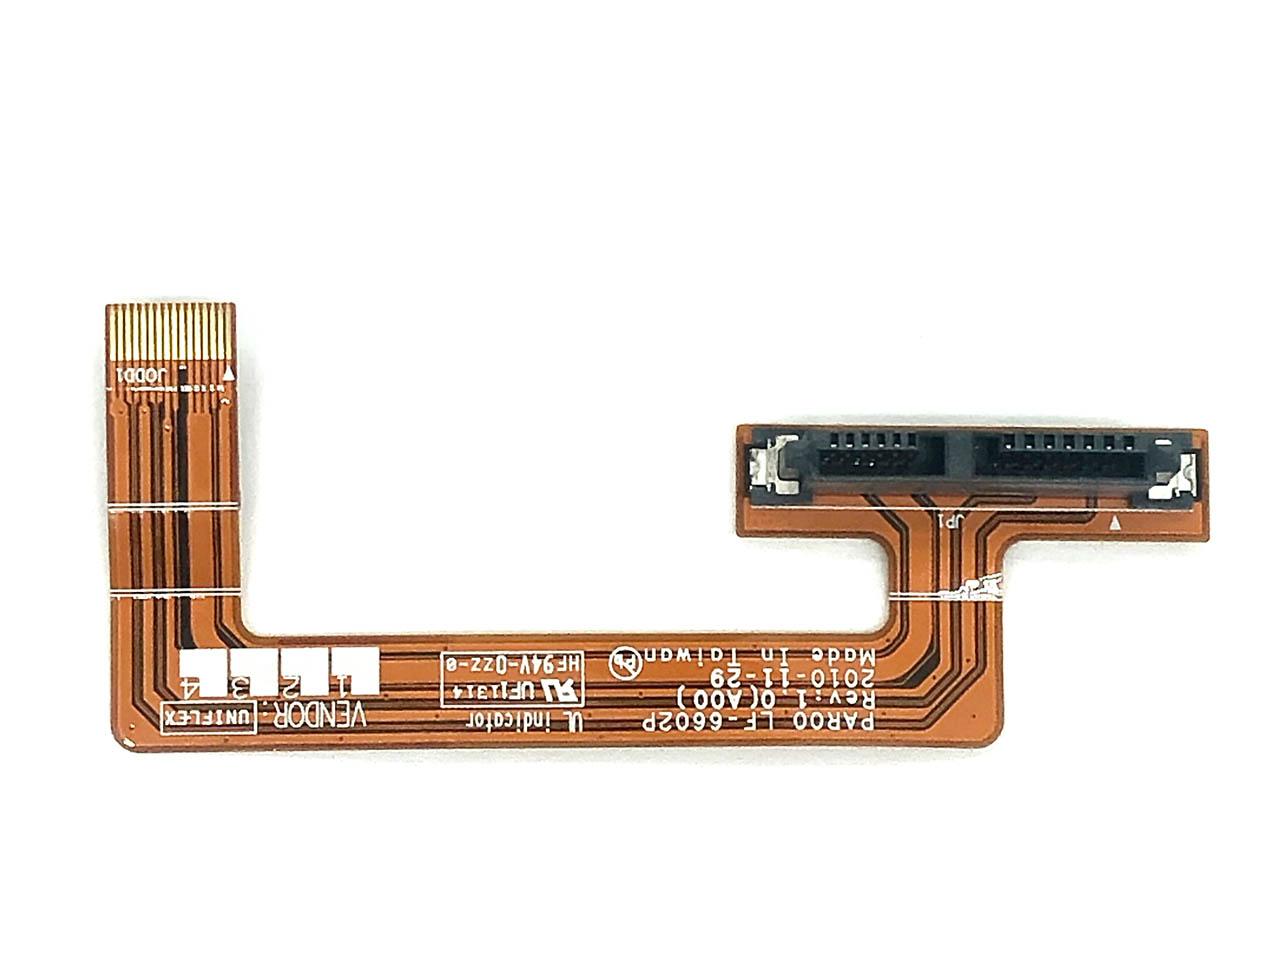 戴尔外星人Dell Alienware M15 M17x R3 R4 Optical Drive Ribbon Cable 排线 接口线 Part number:04JV8X 4JV8X LF-6602P